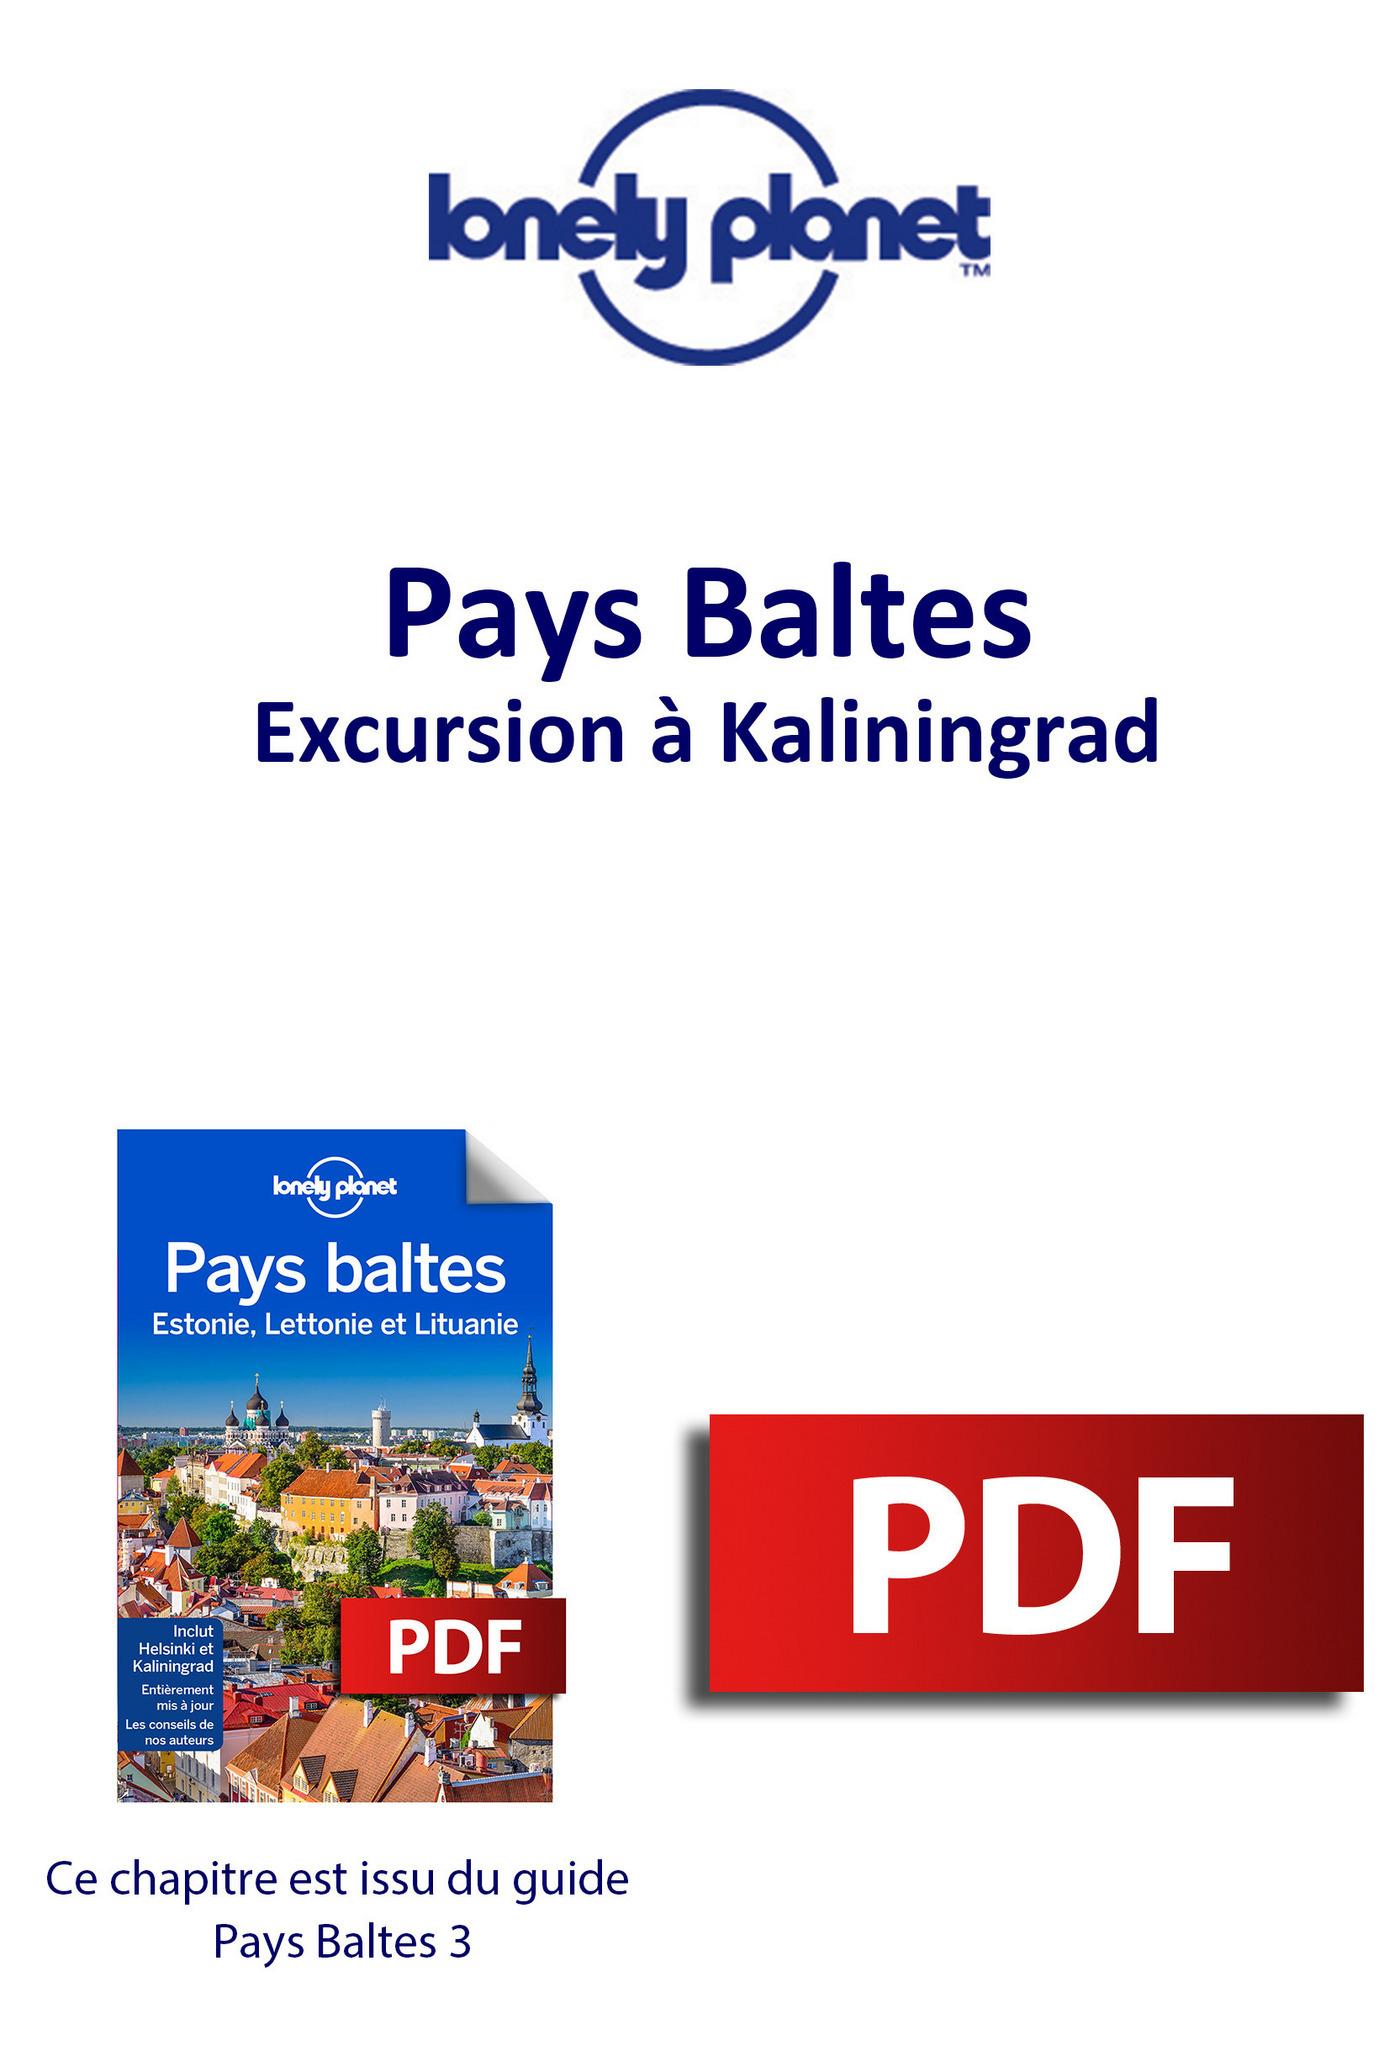 Pays Baltes - Excursion à Kaliningrad